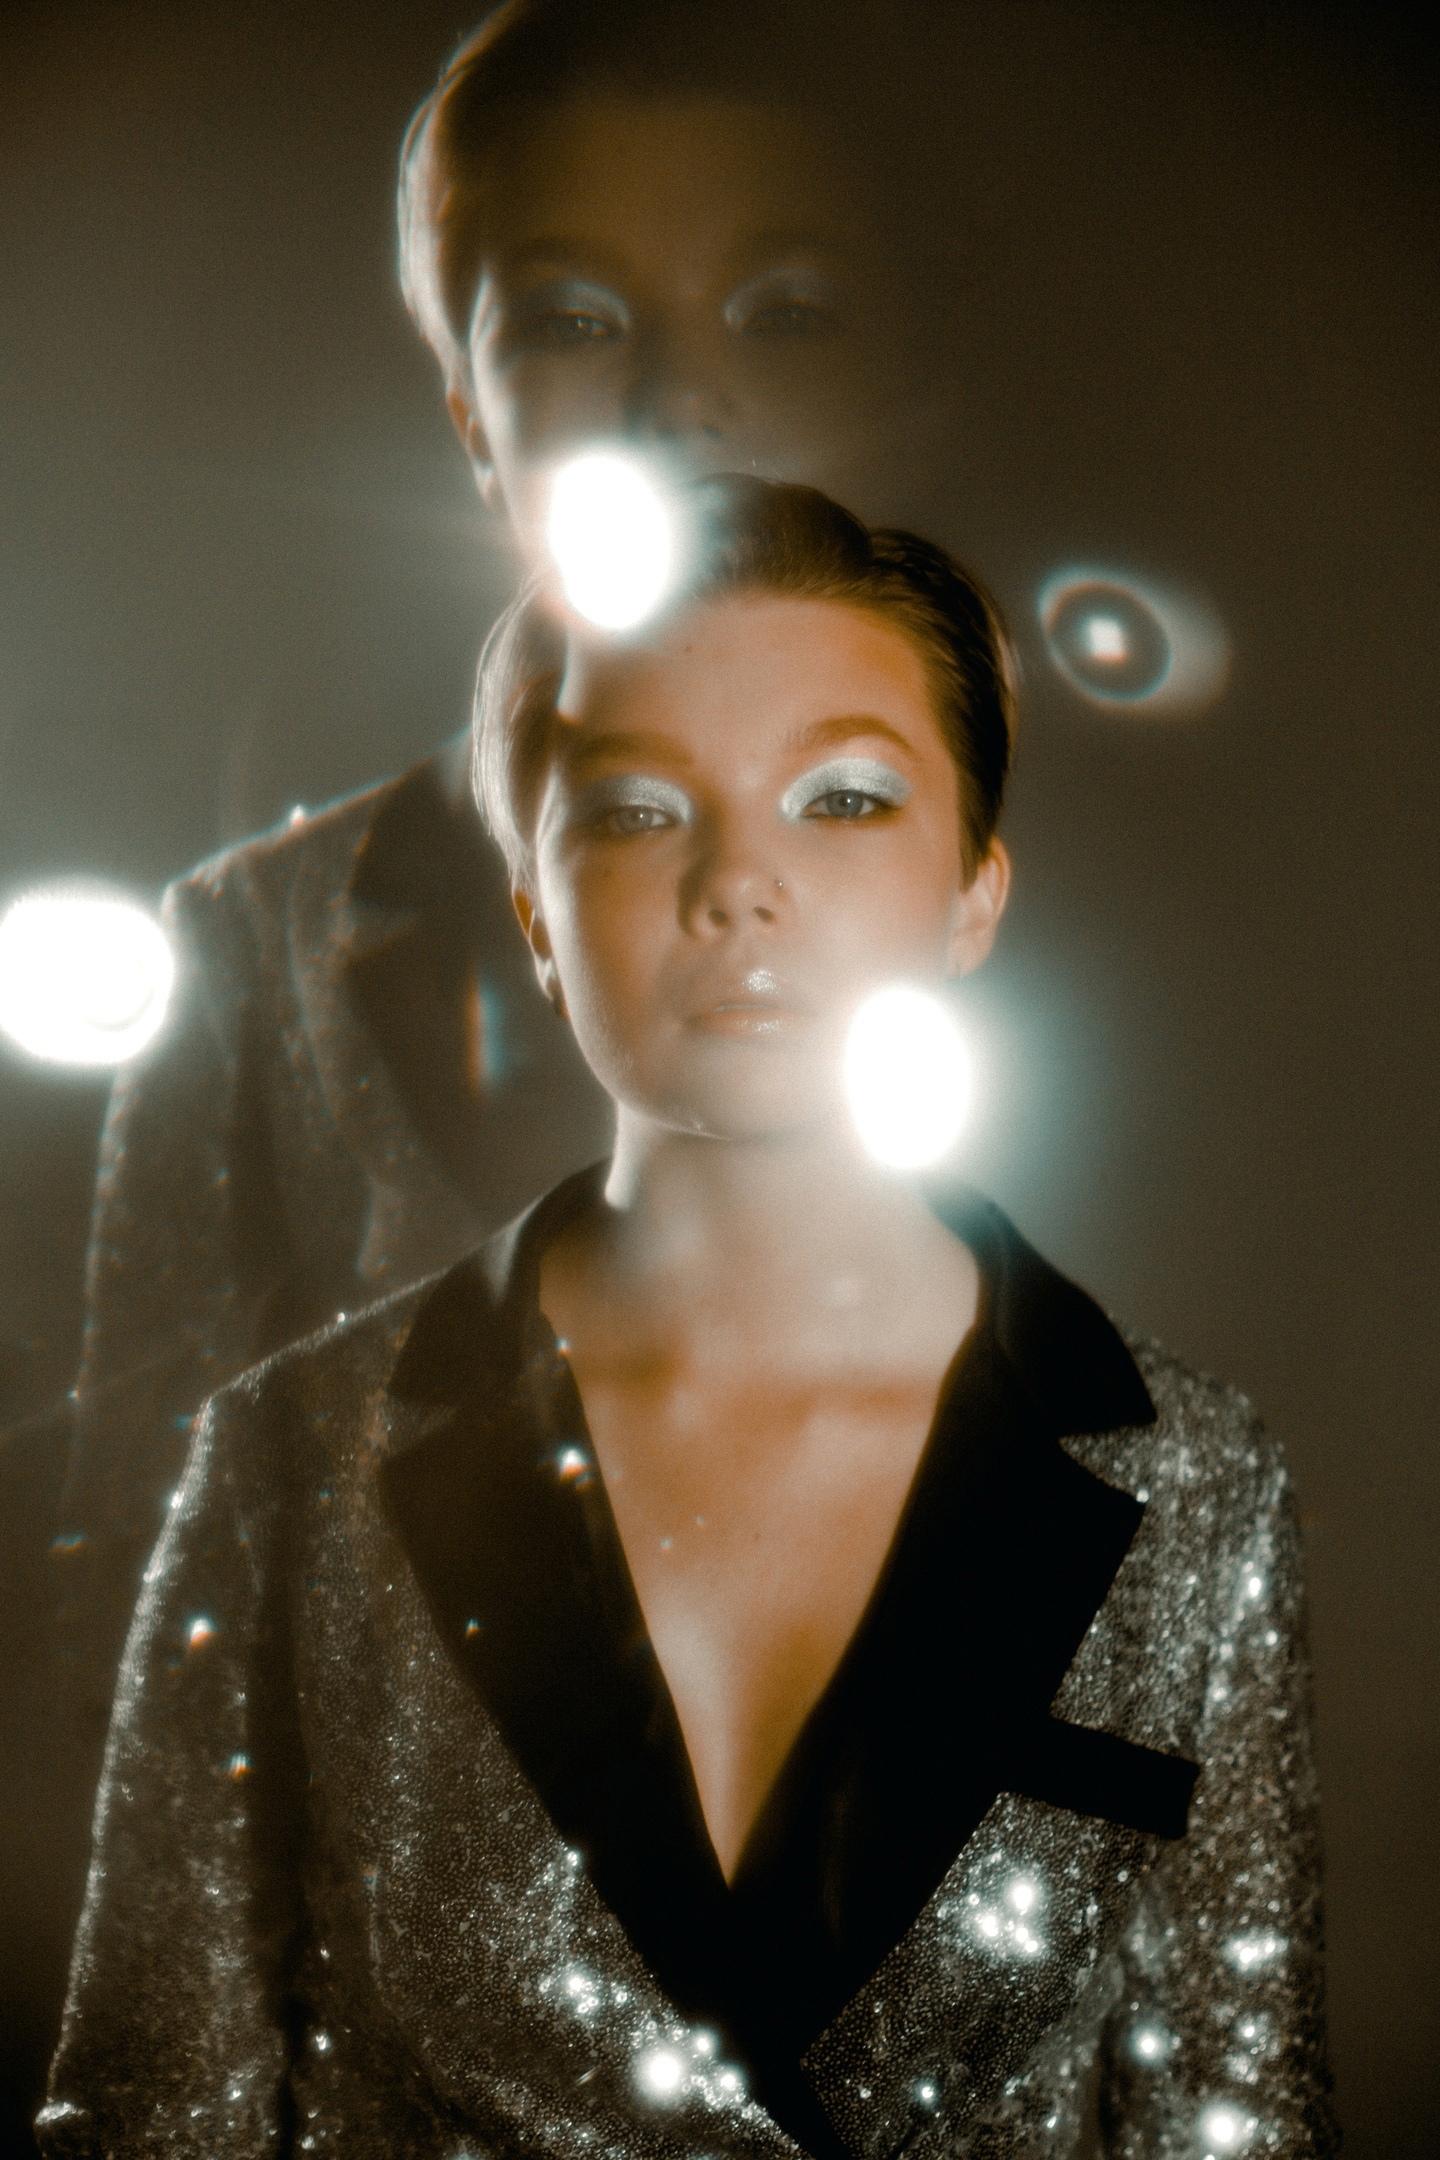 https://www.youngfolks.ru/pub/photographer-mariya-fedotova-model-aleksandra-pirogova